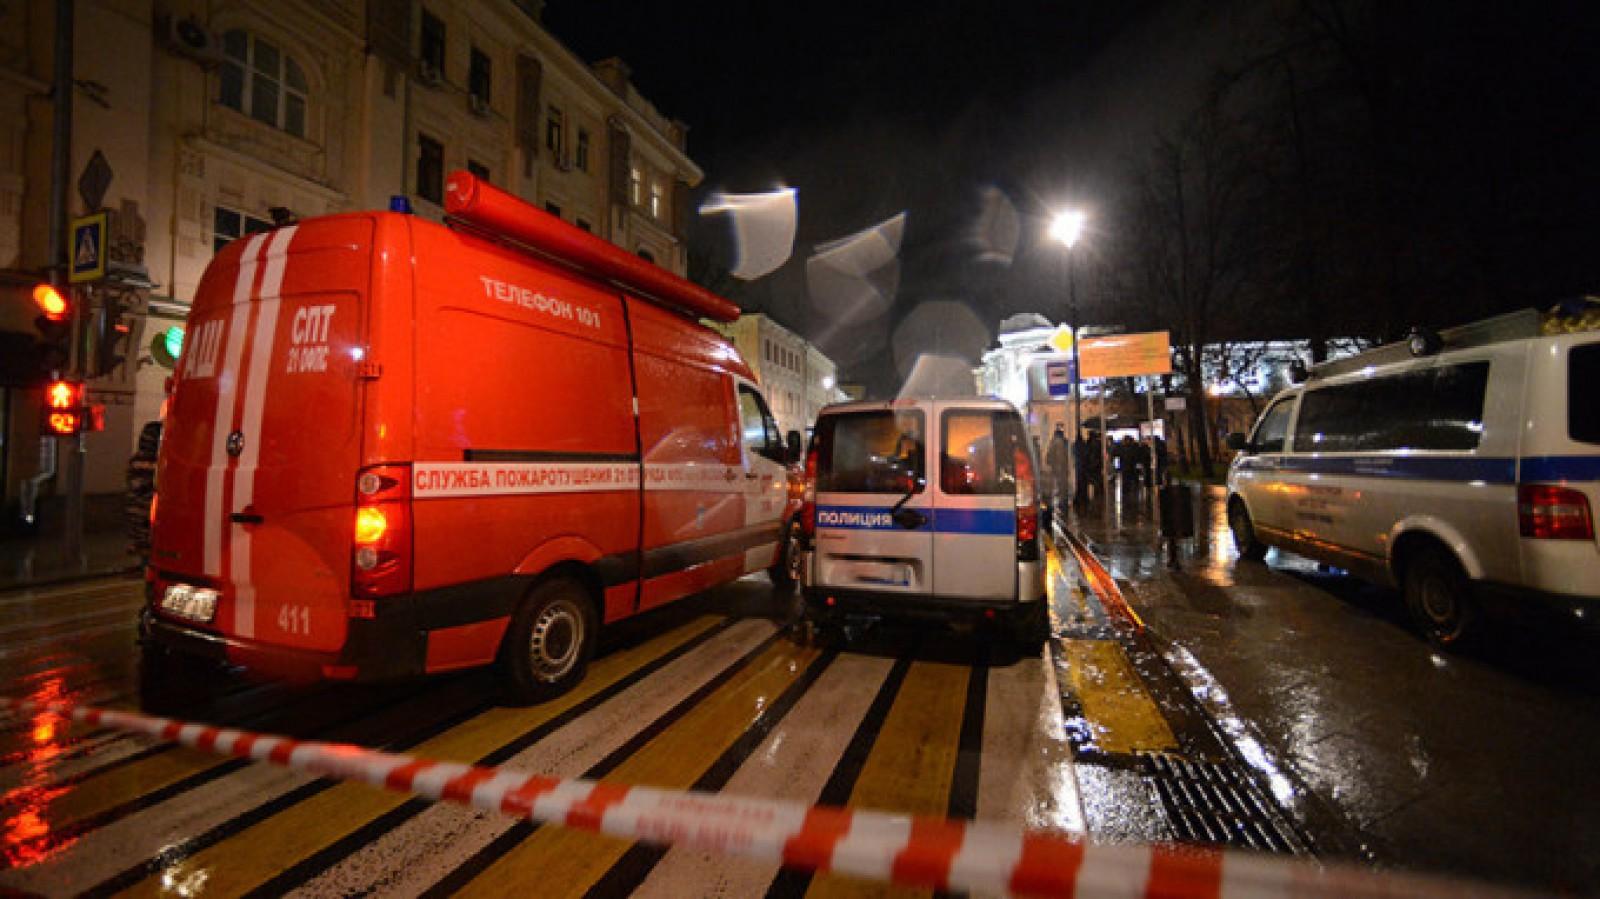 MAEIE: Printre victimele exploziei din Sankt-Petersburg nu există cetățeni moldoveni